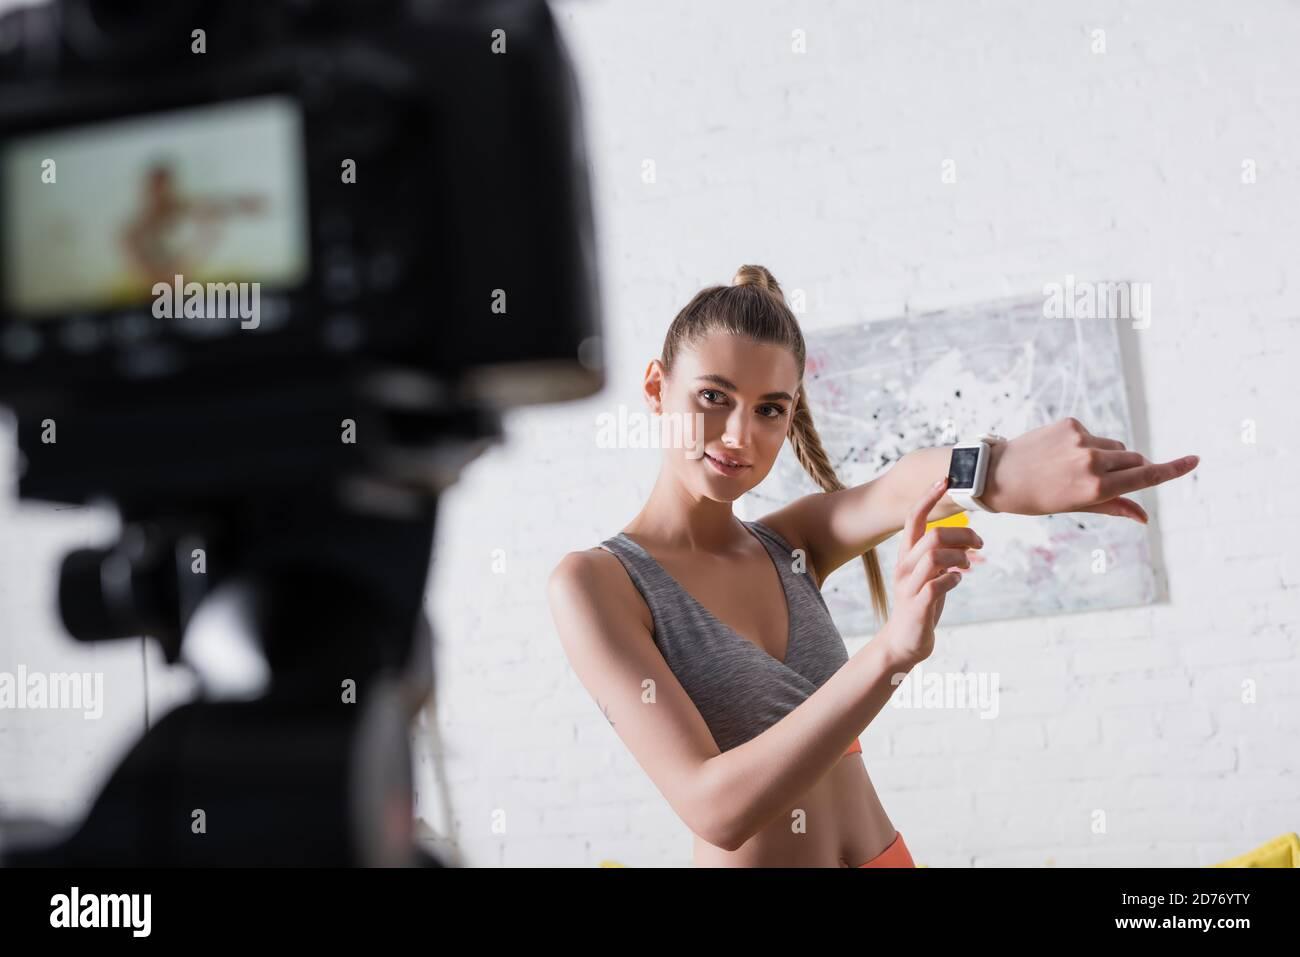 Mise au point sélective d'une sportswoman souriante pointant vers une montre intelligente à proximité appareil photo numérique à la maison Banque D'Images